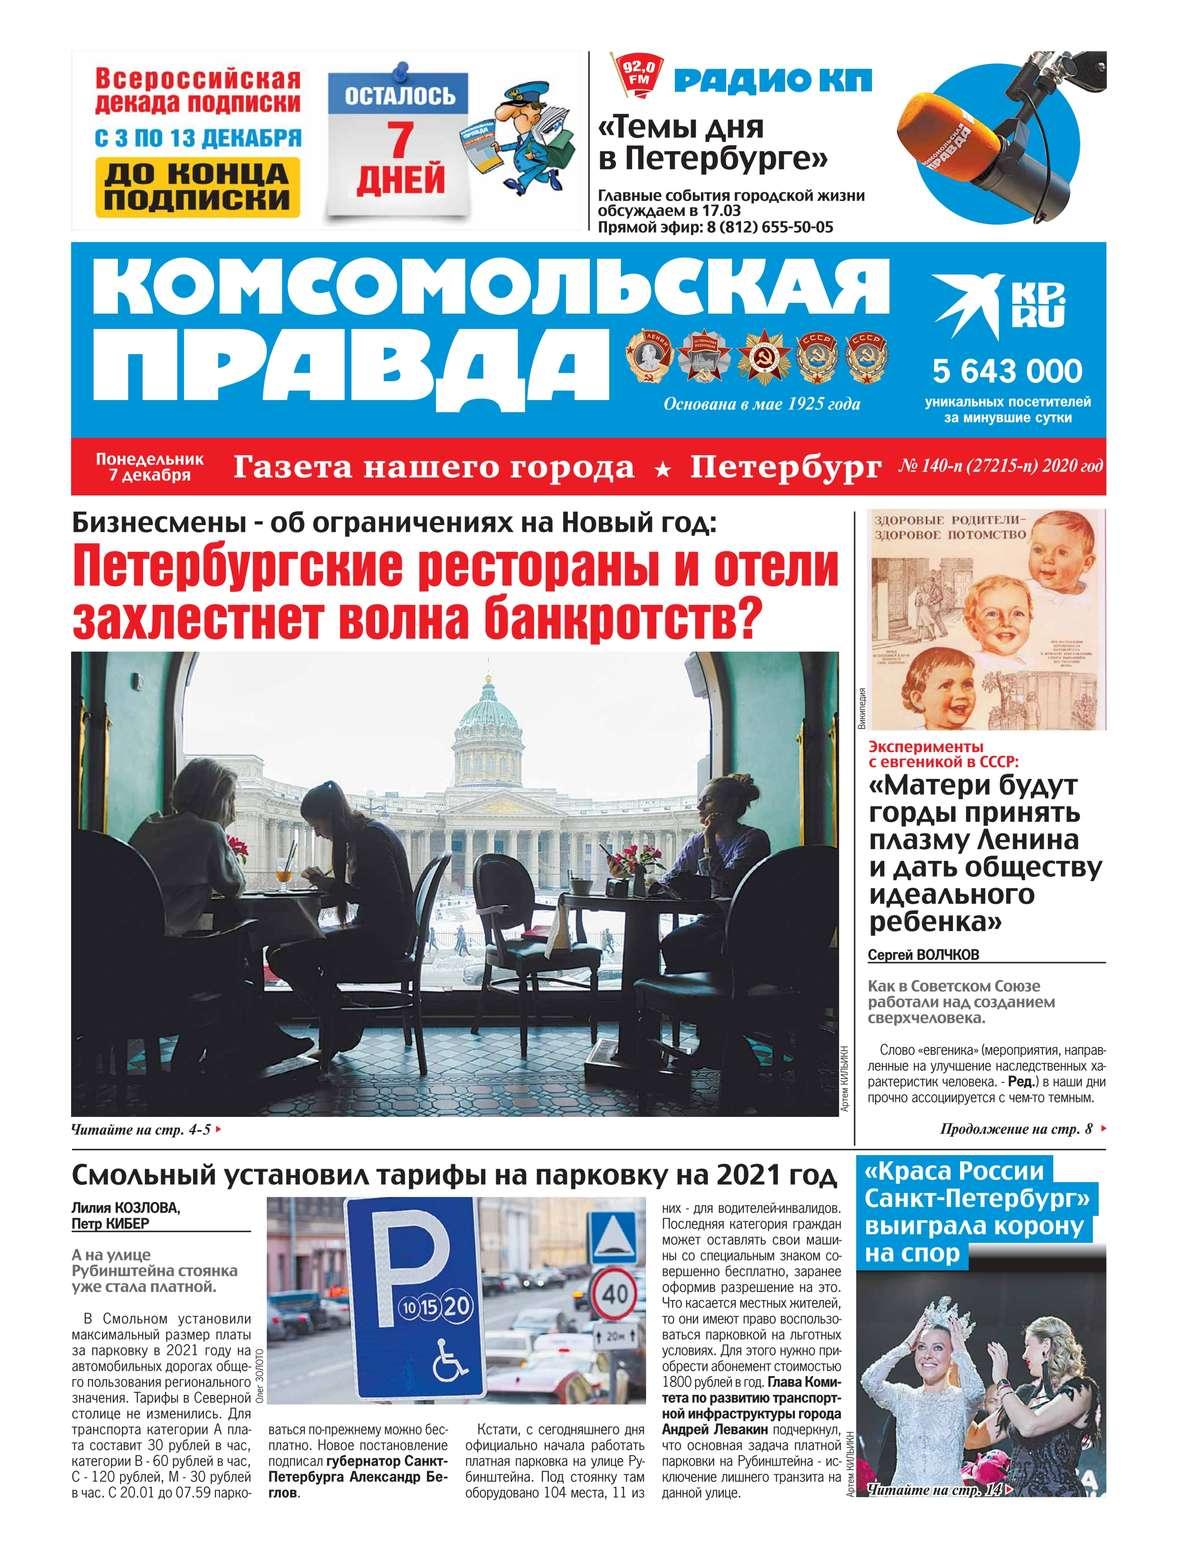 Купить книгу Комсомольская Правда. Санкт-Петербург 140п-2020, автора